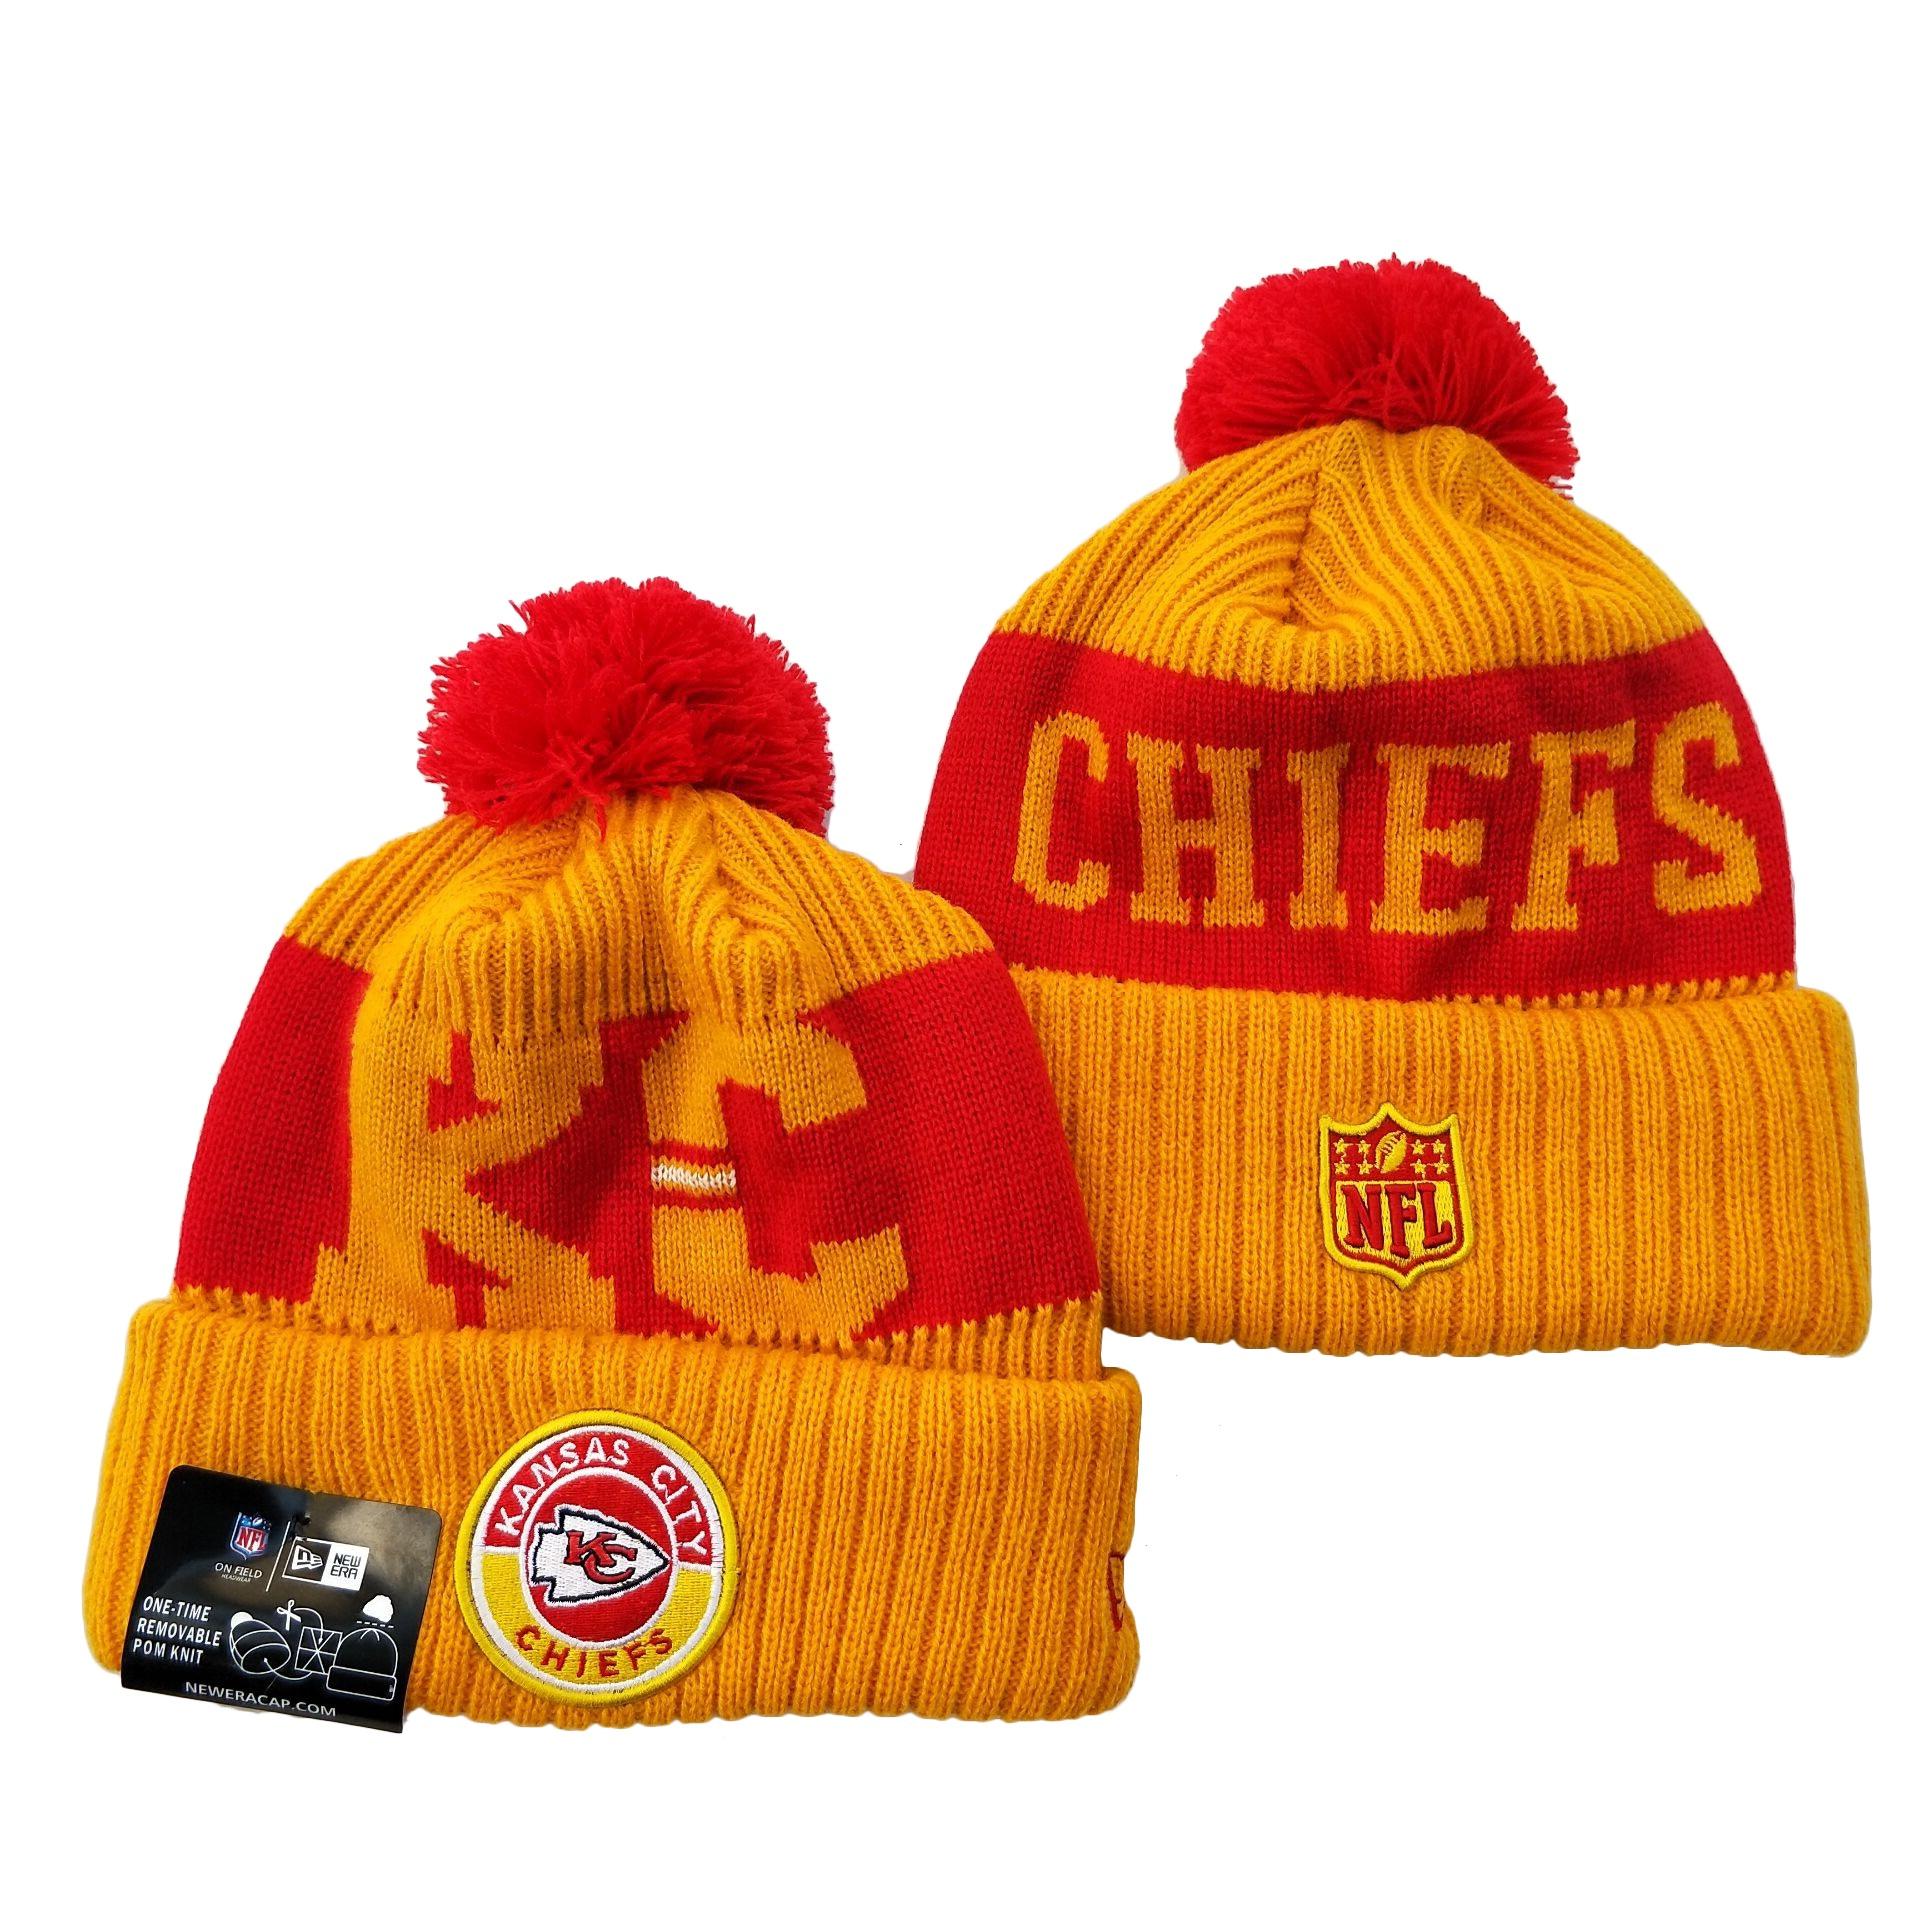 Chiefs Team Logo Yellow 2020 NFL Sideline Pom Cuffed Knit Hat YD